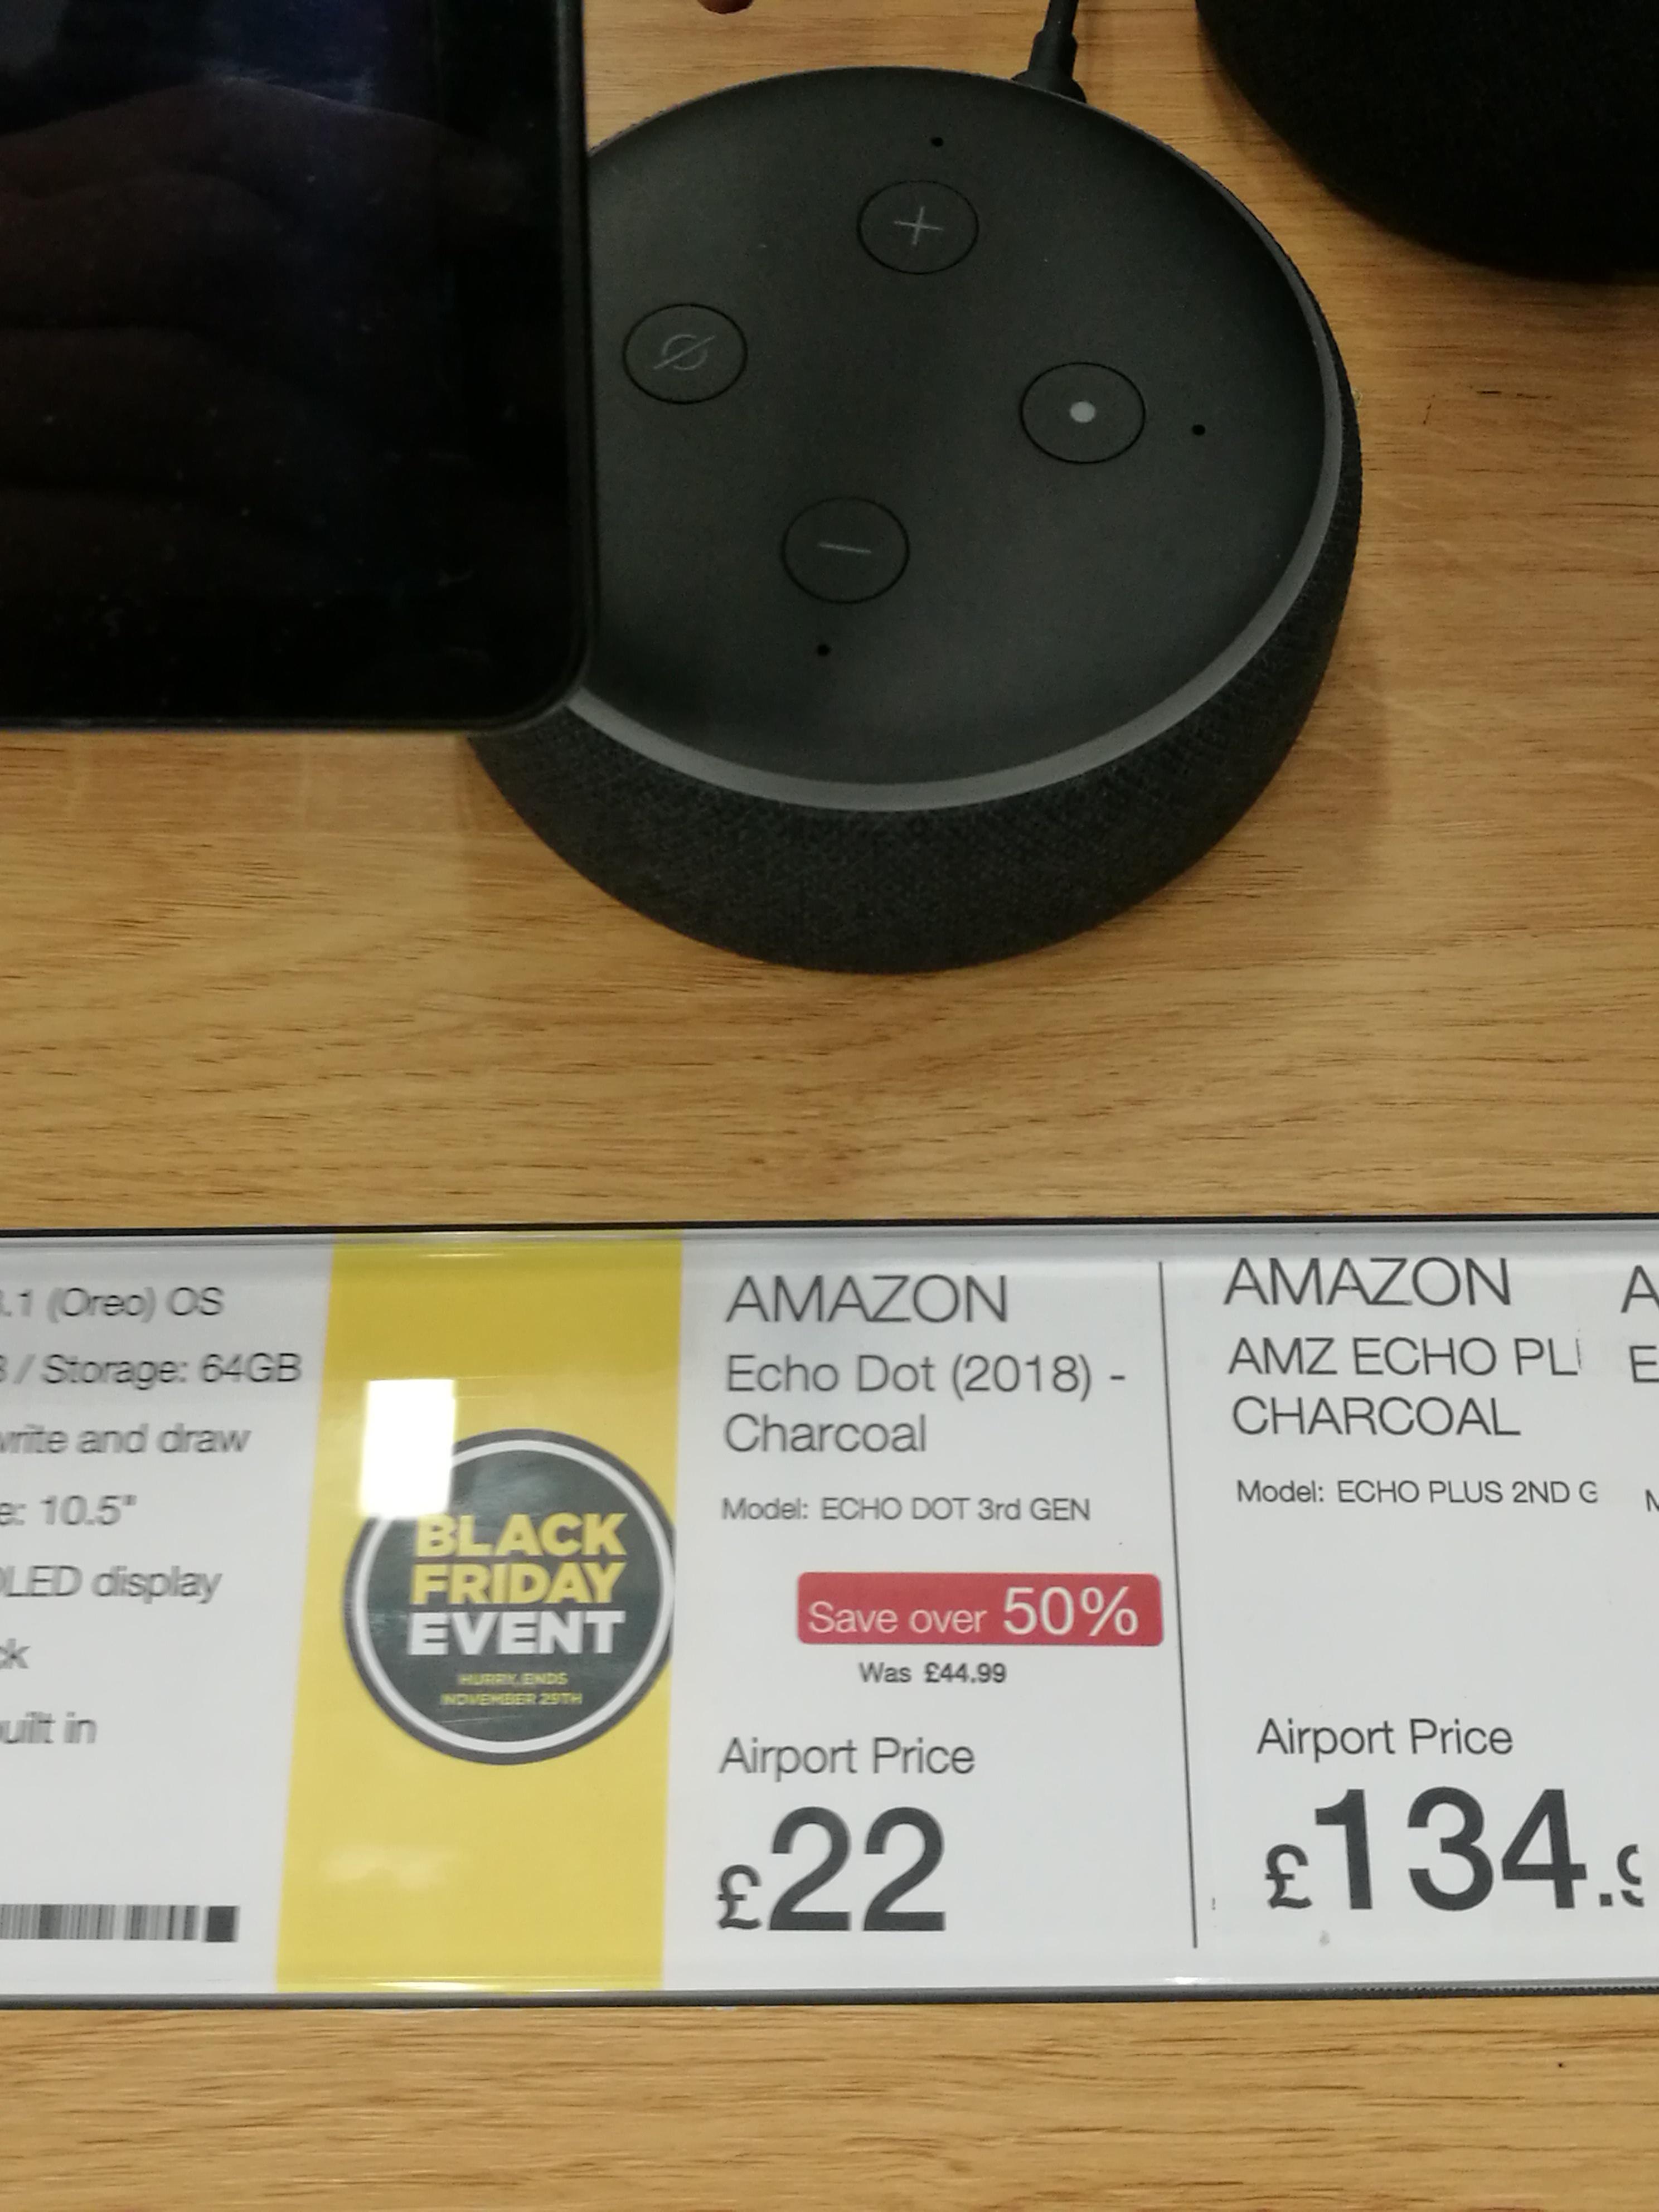 All-new Amazon Echo Dot (3rd Gen) - Smart speaker £22 @ Dixons Airport stores